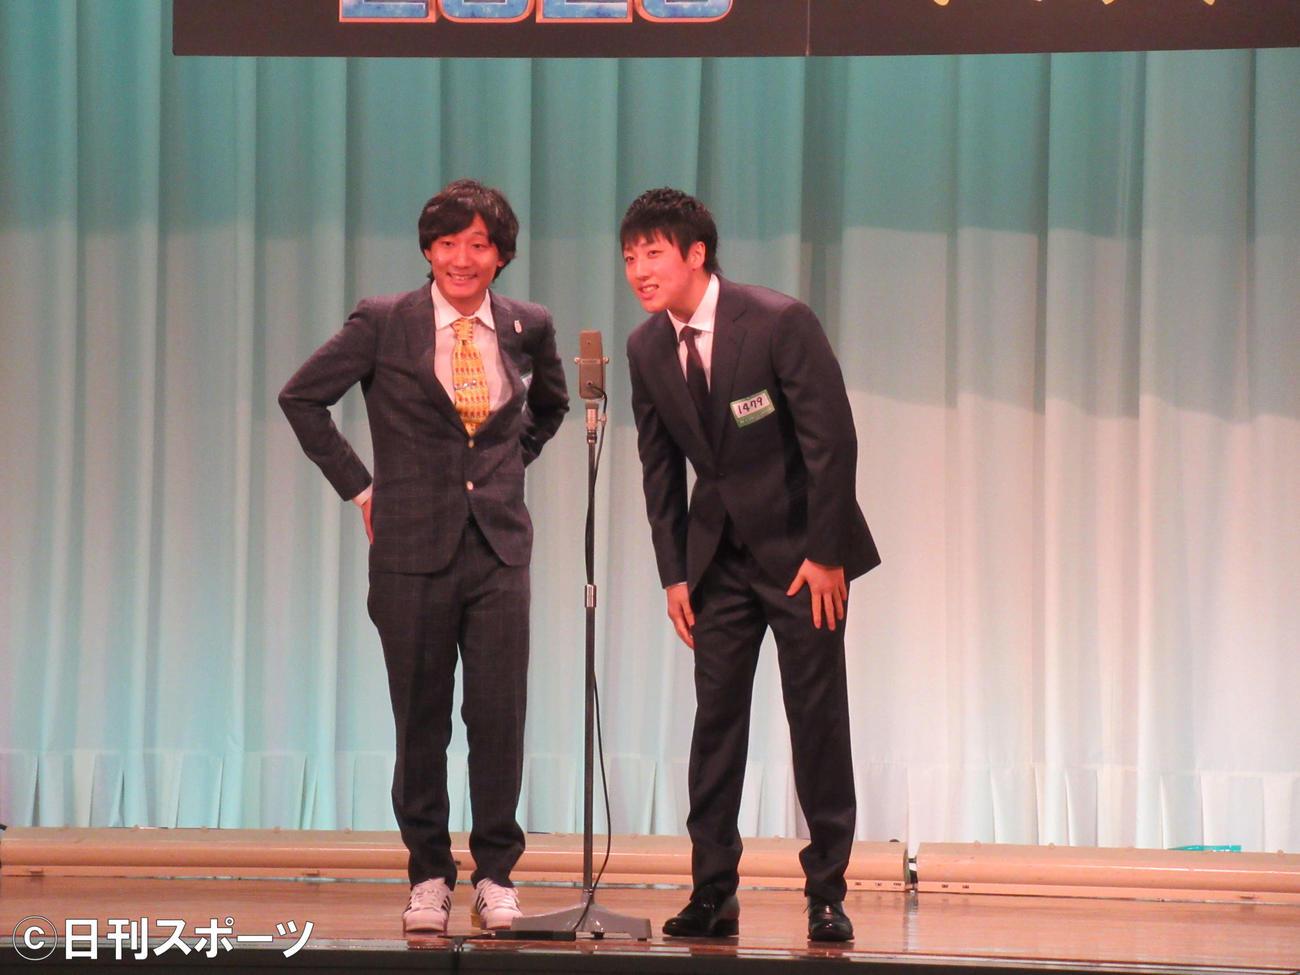 オール阪神の長男の高田隆平(左)と松谷流行(右)によるコンビ「きょうもかもがわ」はM-1グランプリ1回戦に再エントリーで出場した(撮影・星名希実)